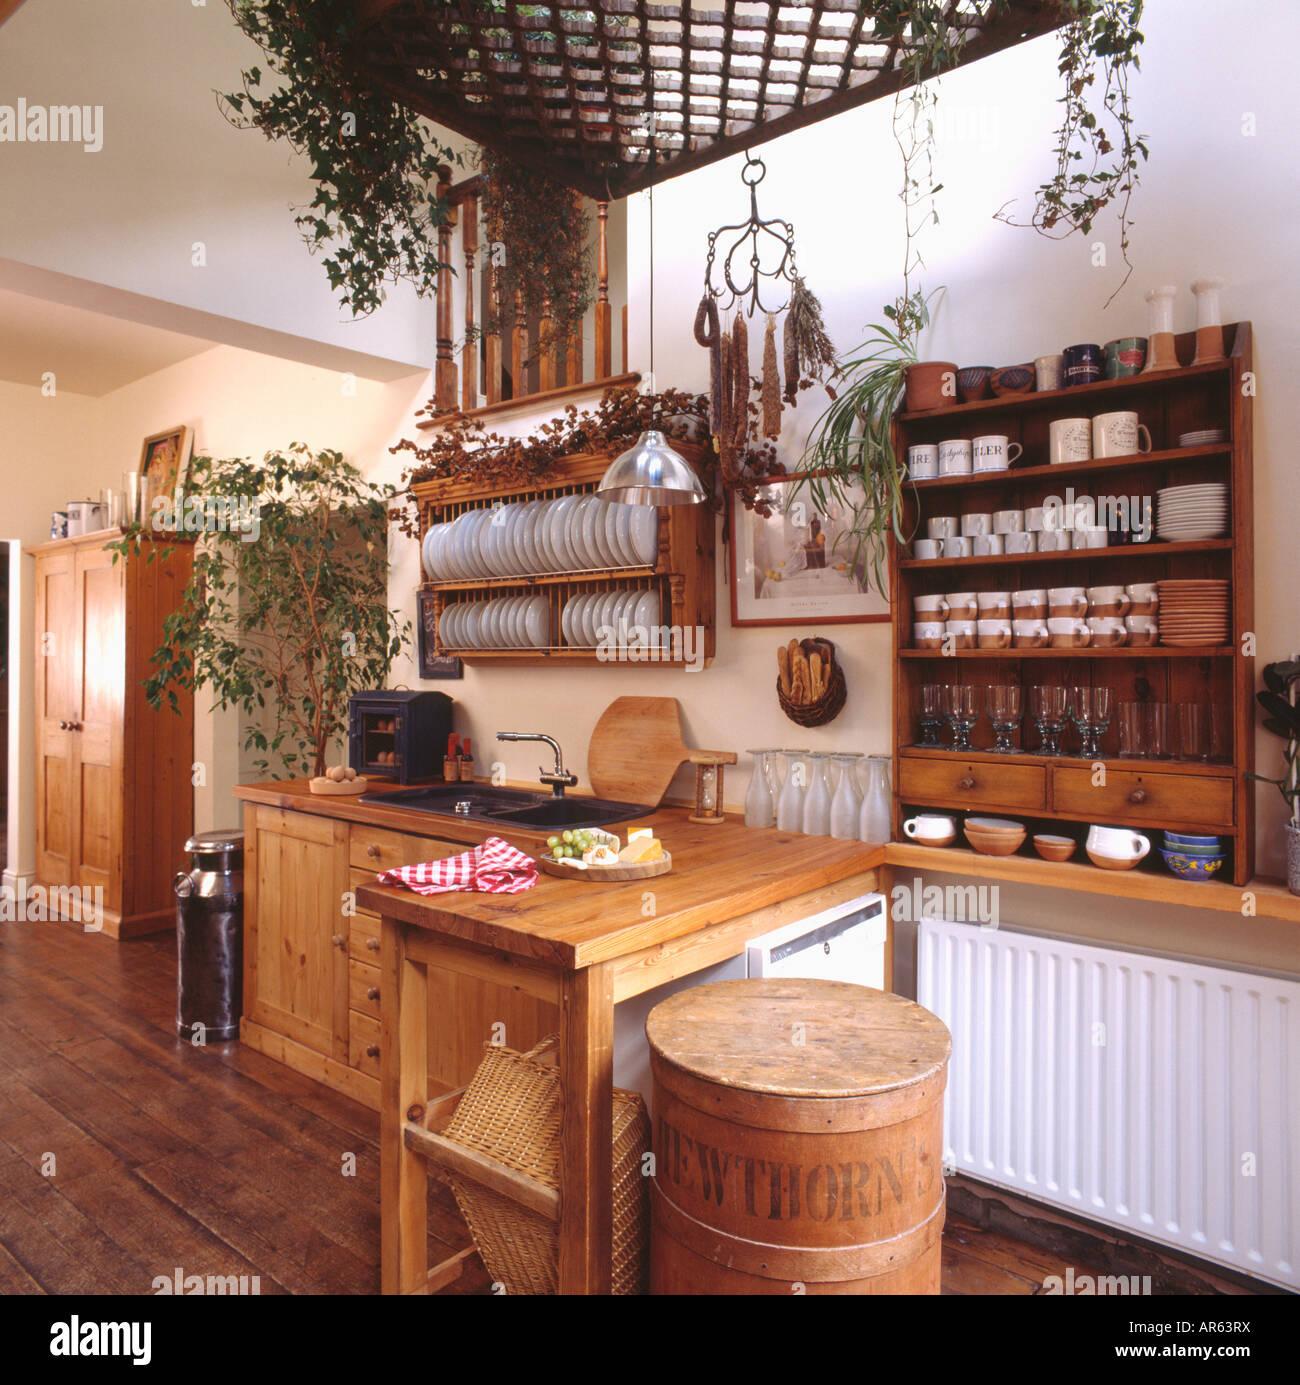 Ausziehbaren Tisch Und Kiefer Regal Und Tellerhalter Kuche